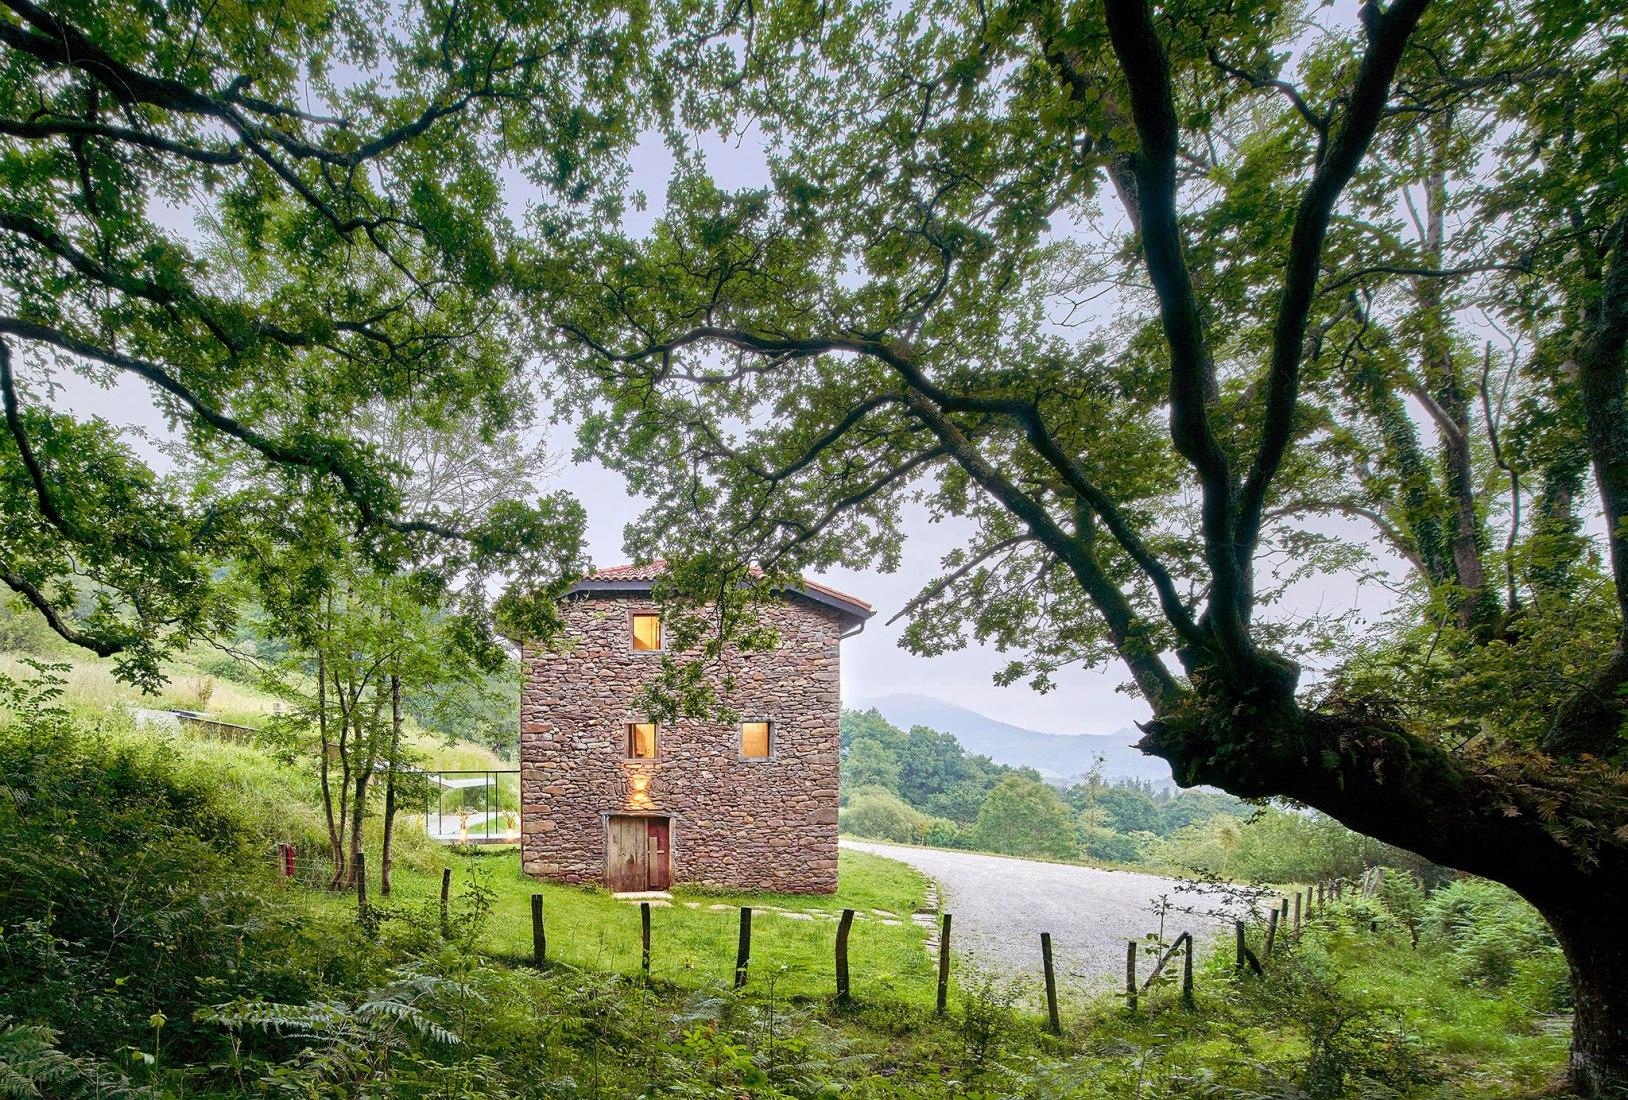 Casa rural Landaburu Borda por Jordi Hidalgo Tané. Fotografía por José Hevia